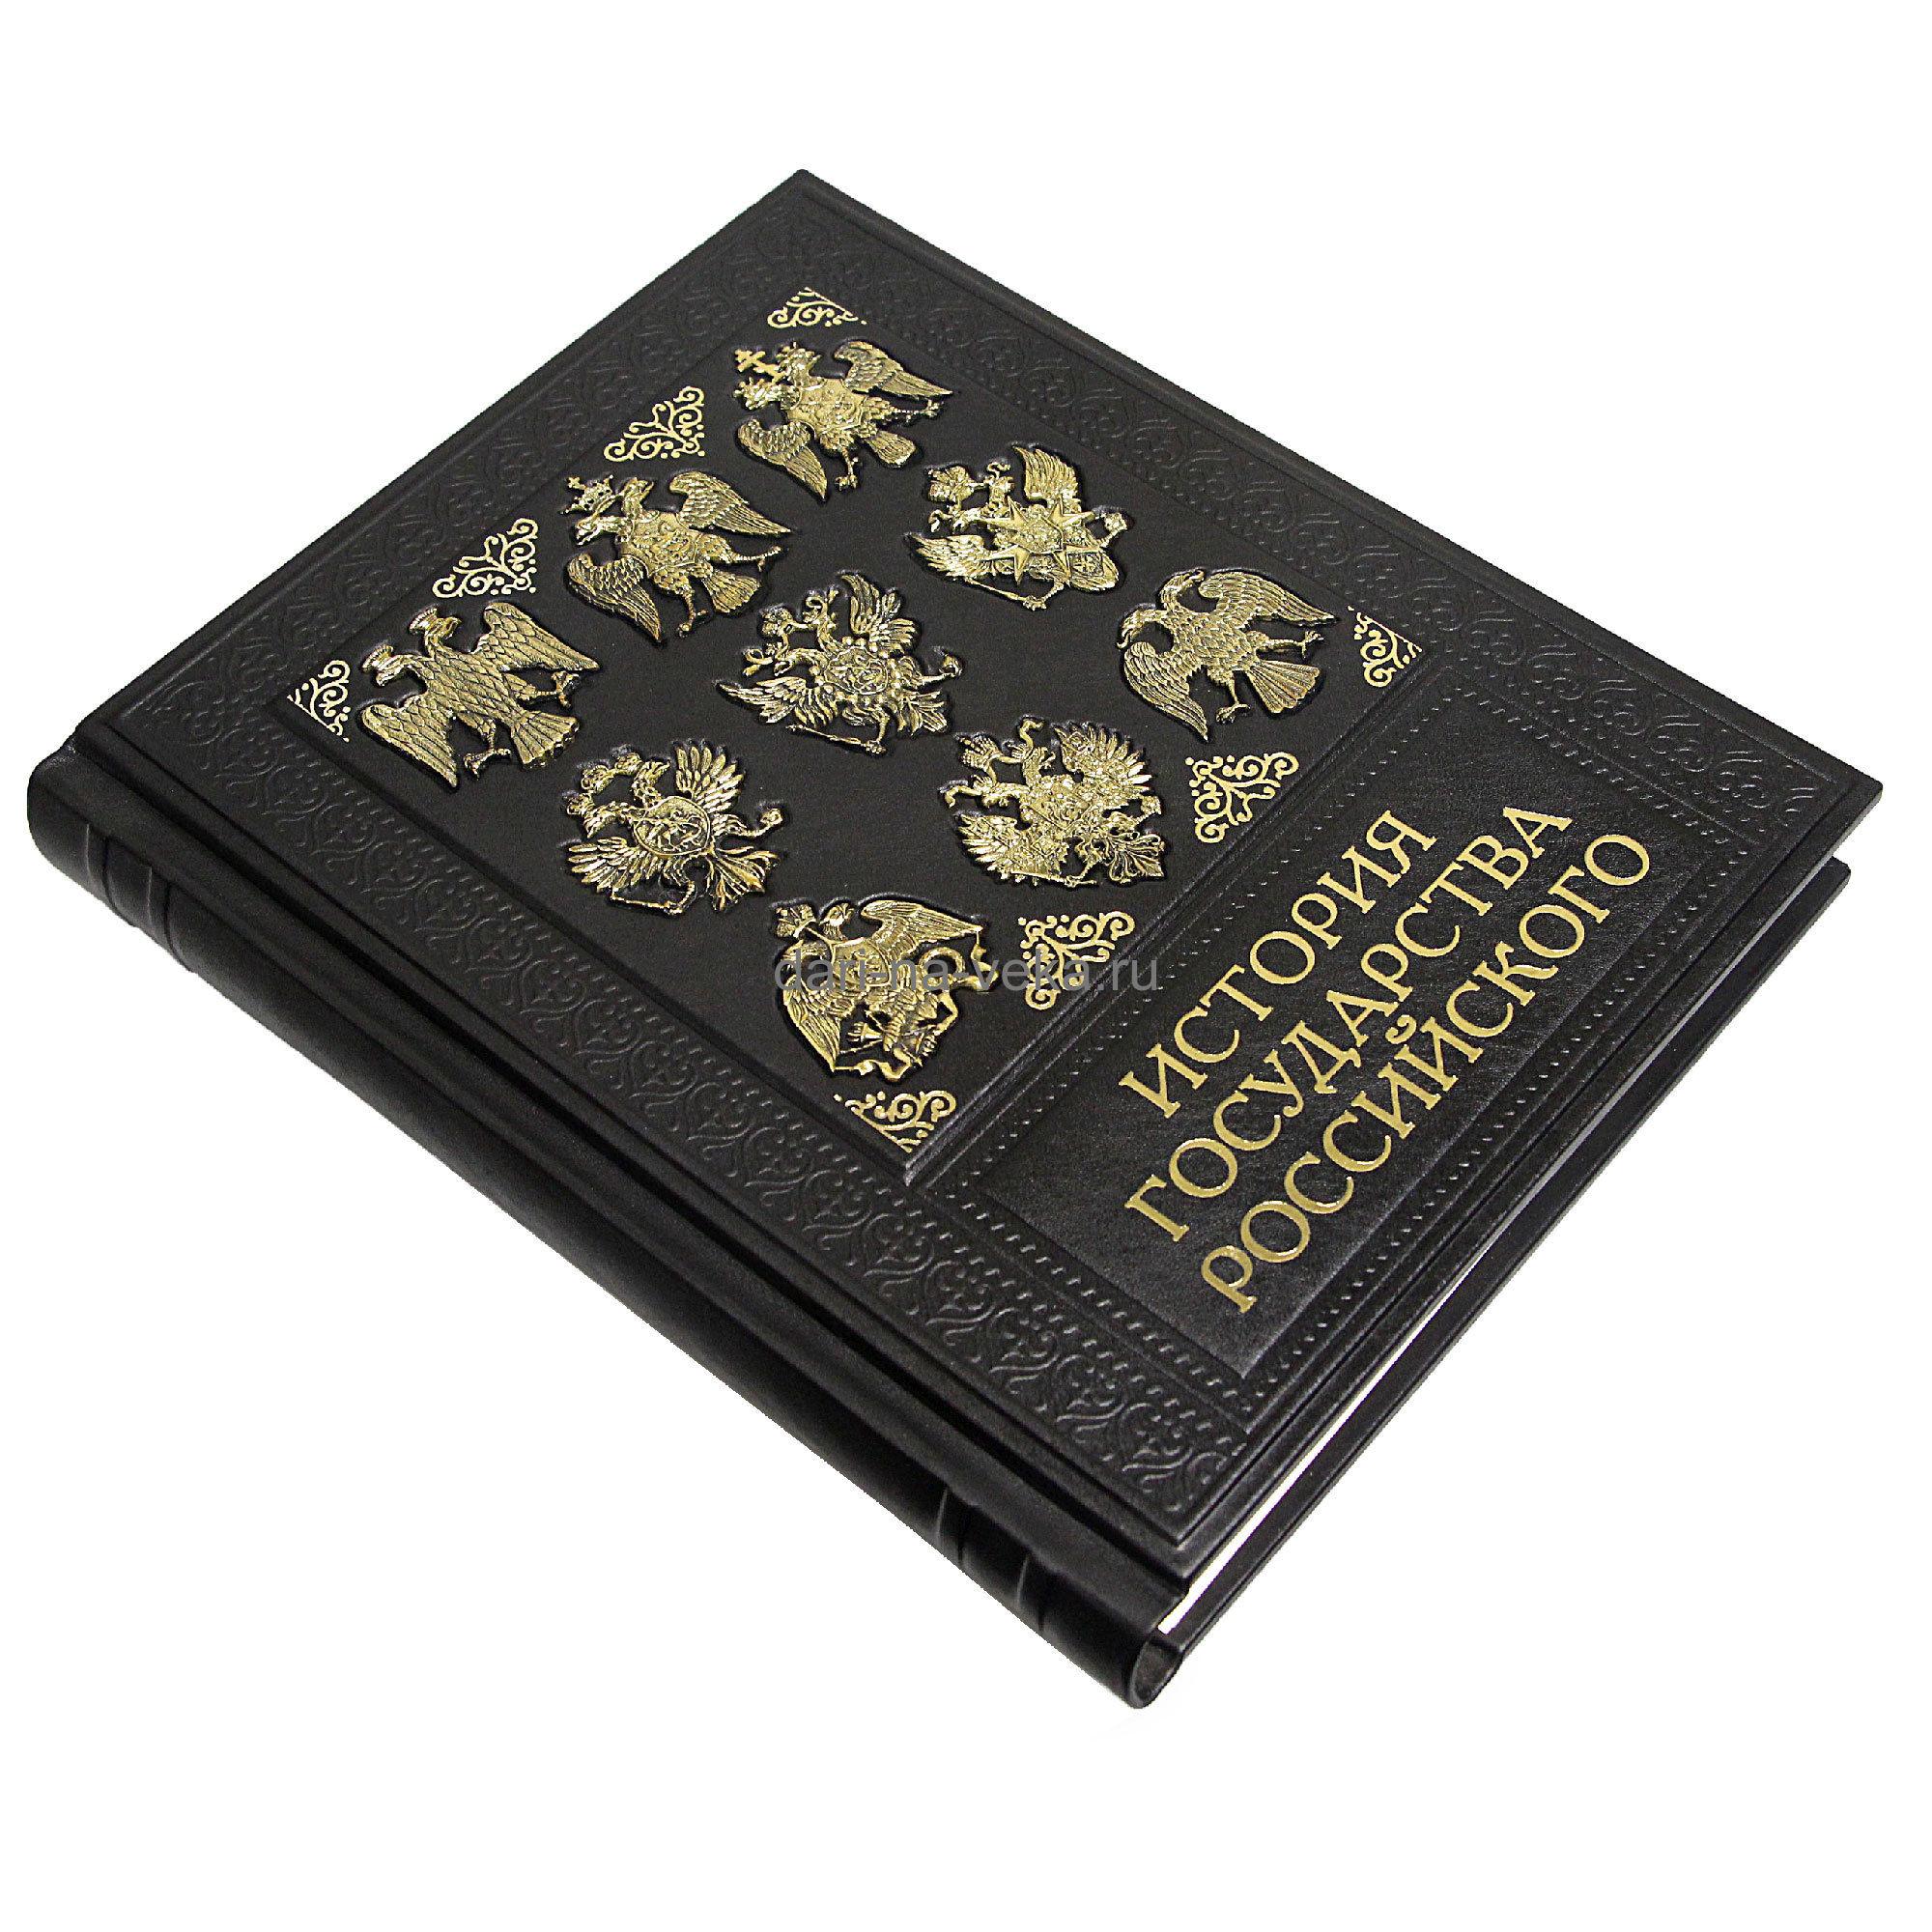 Книга Карамзина «История государства Российского» в кожаном переплёте с художественным литьём